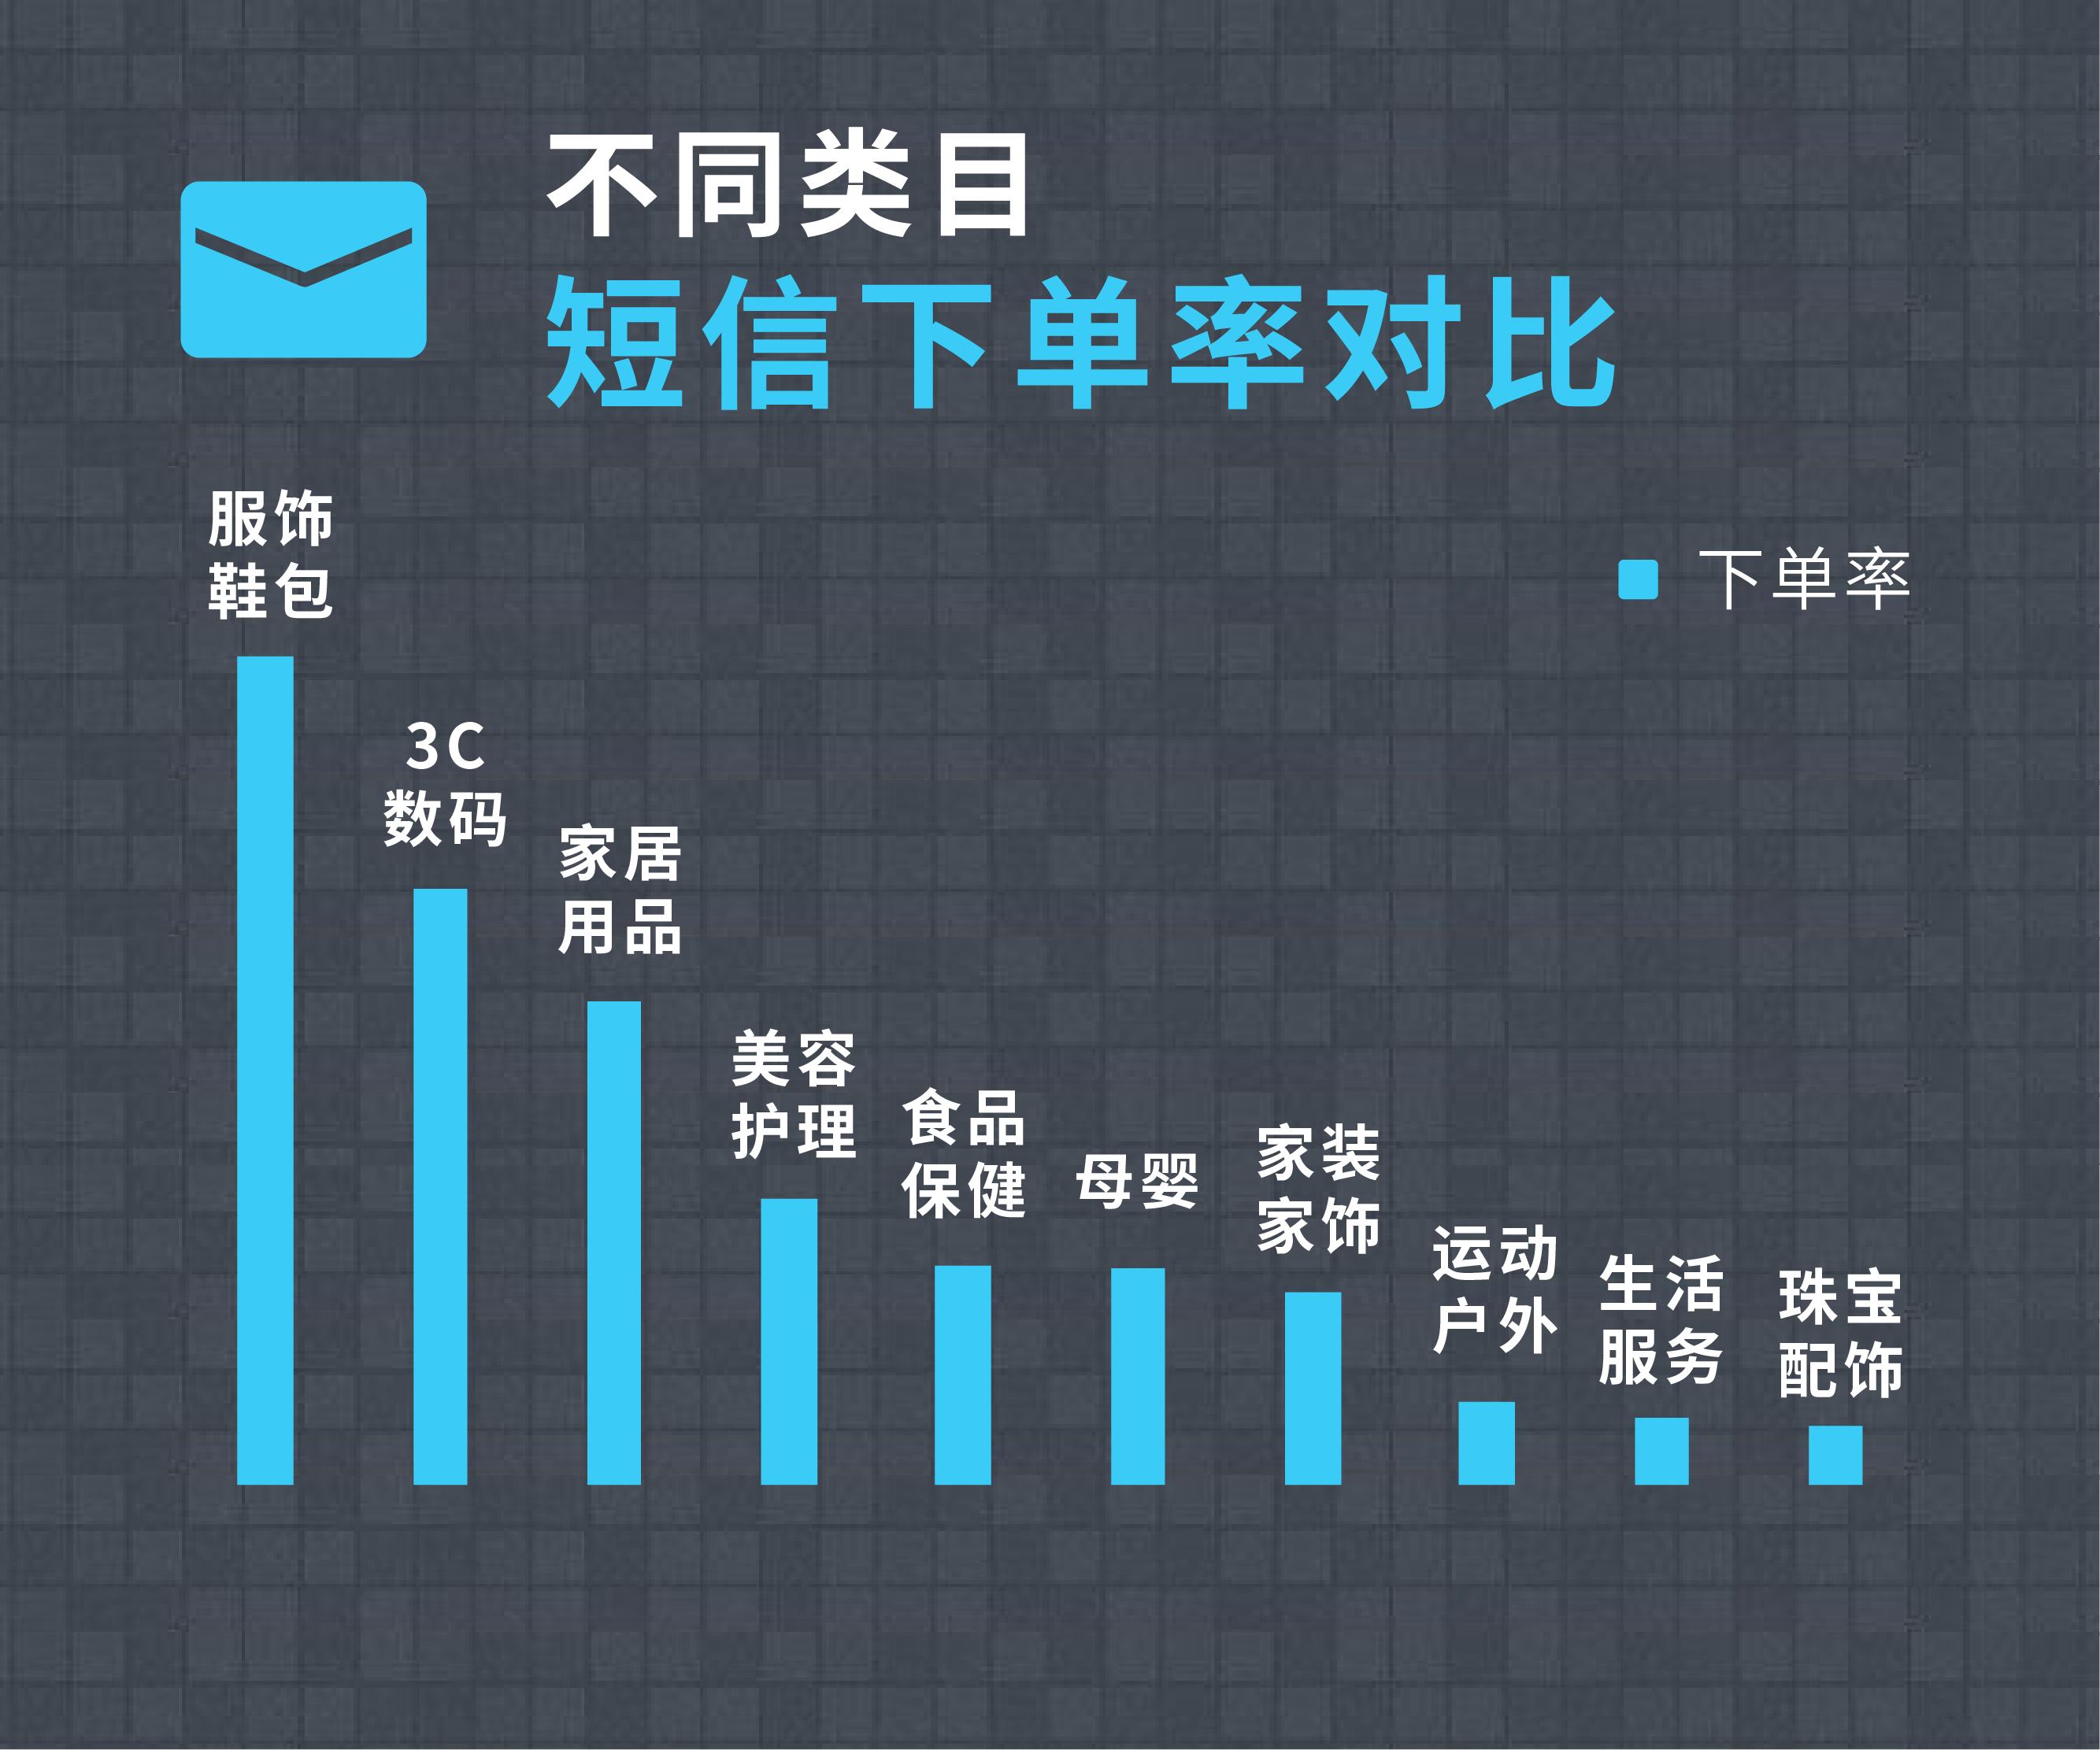 微信双十一短信营销数据图表-08.png